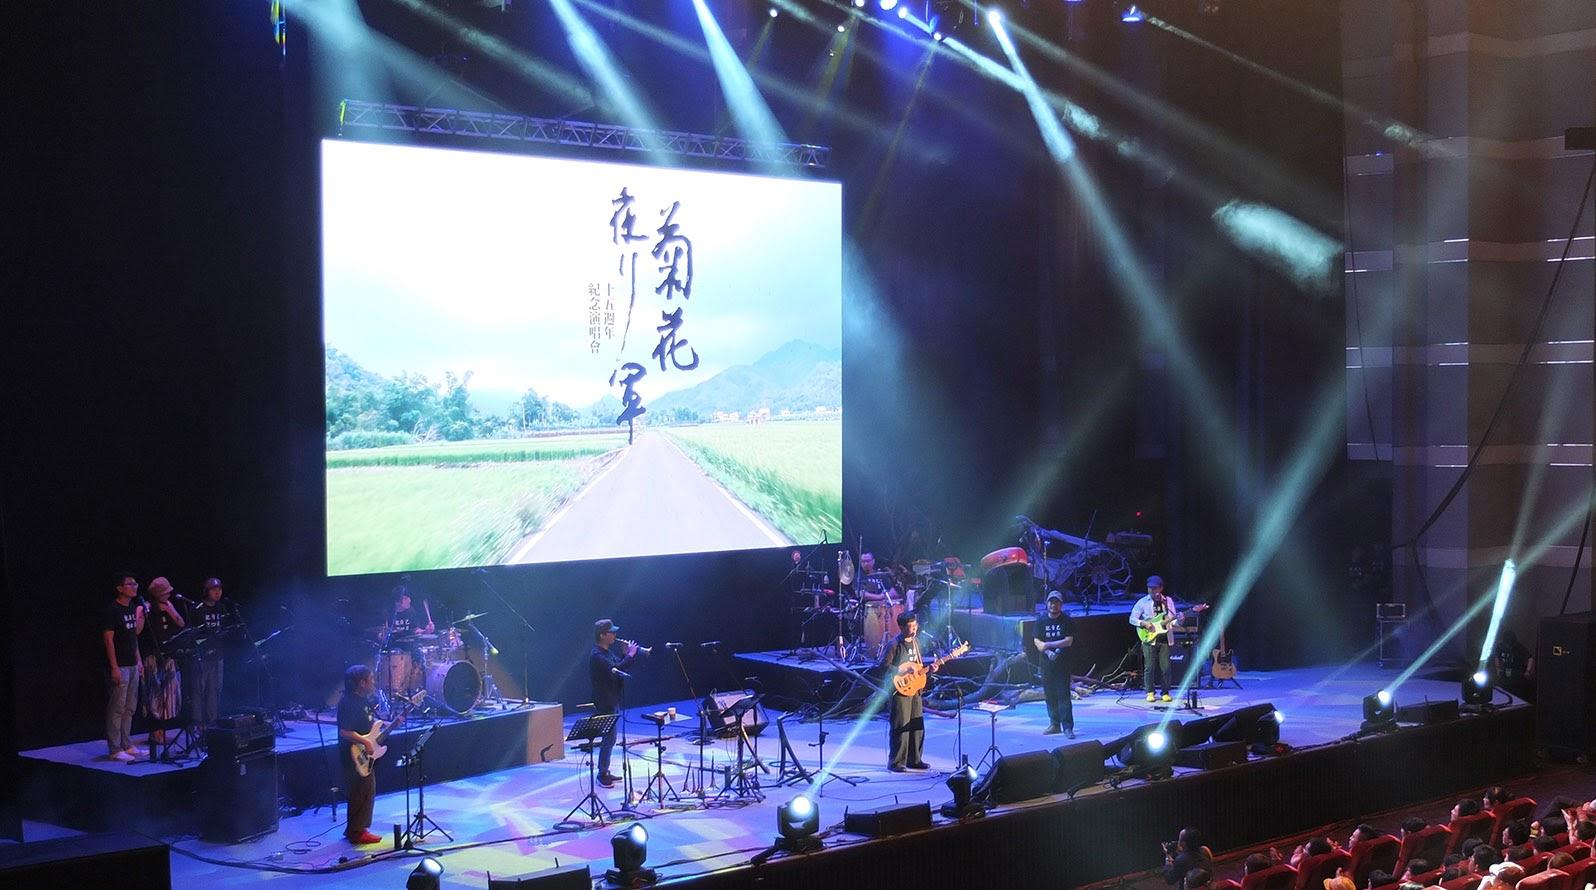 生祥樂隊鐵牛車搬上大舞台 三千菊花一同答數撼動TICC